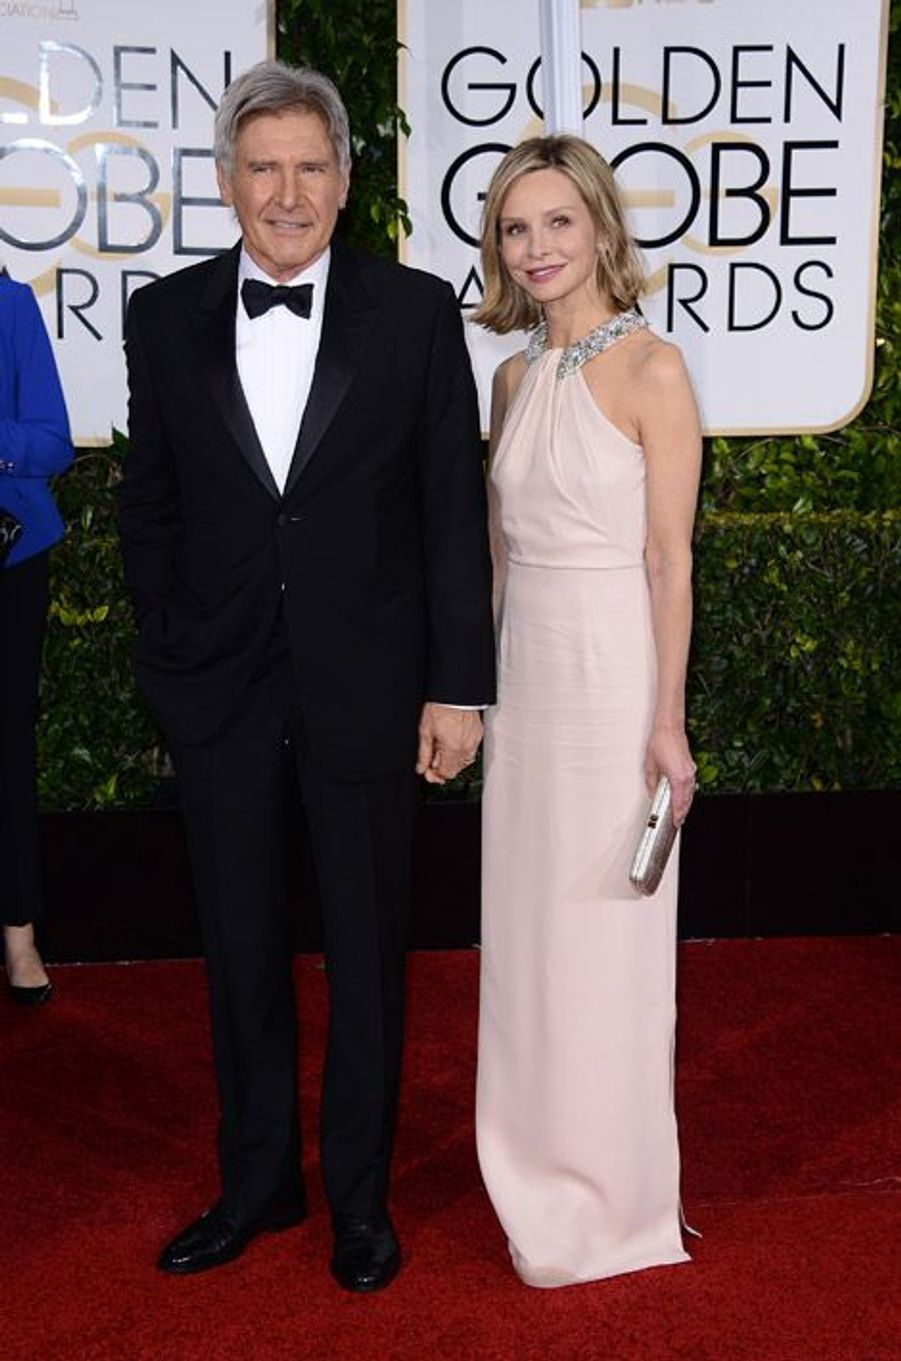 L'actrice Calista Flockhart, compagne de Harisson Ford, lors de la cérémonie des Golden Globes à Los Angeles, le 11 janvier 2015